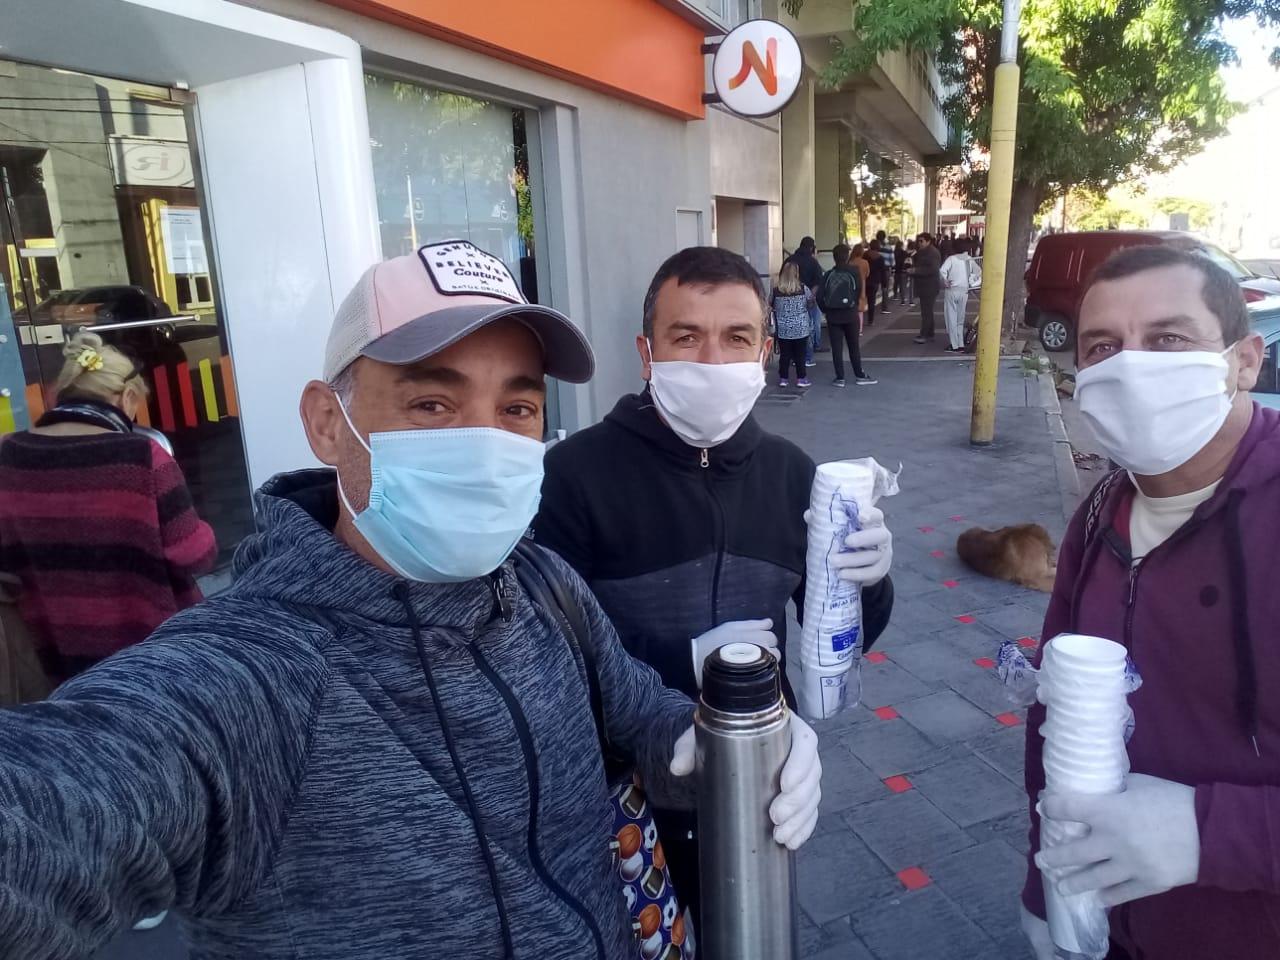 El gesto del día: integrantes de la Liga de Veteranos de Fútbol repartieron café en los bancos